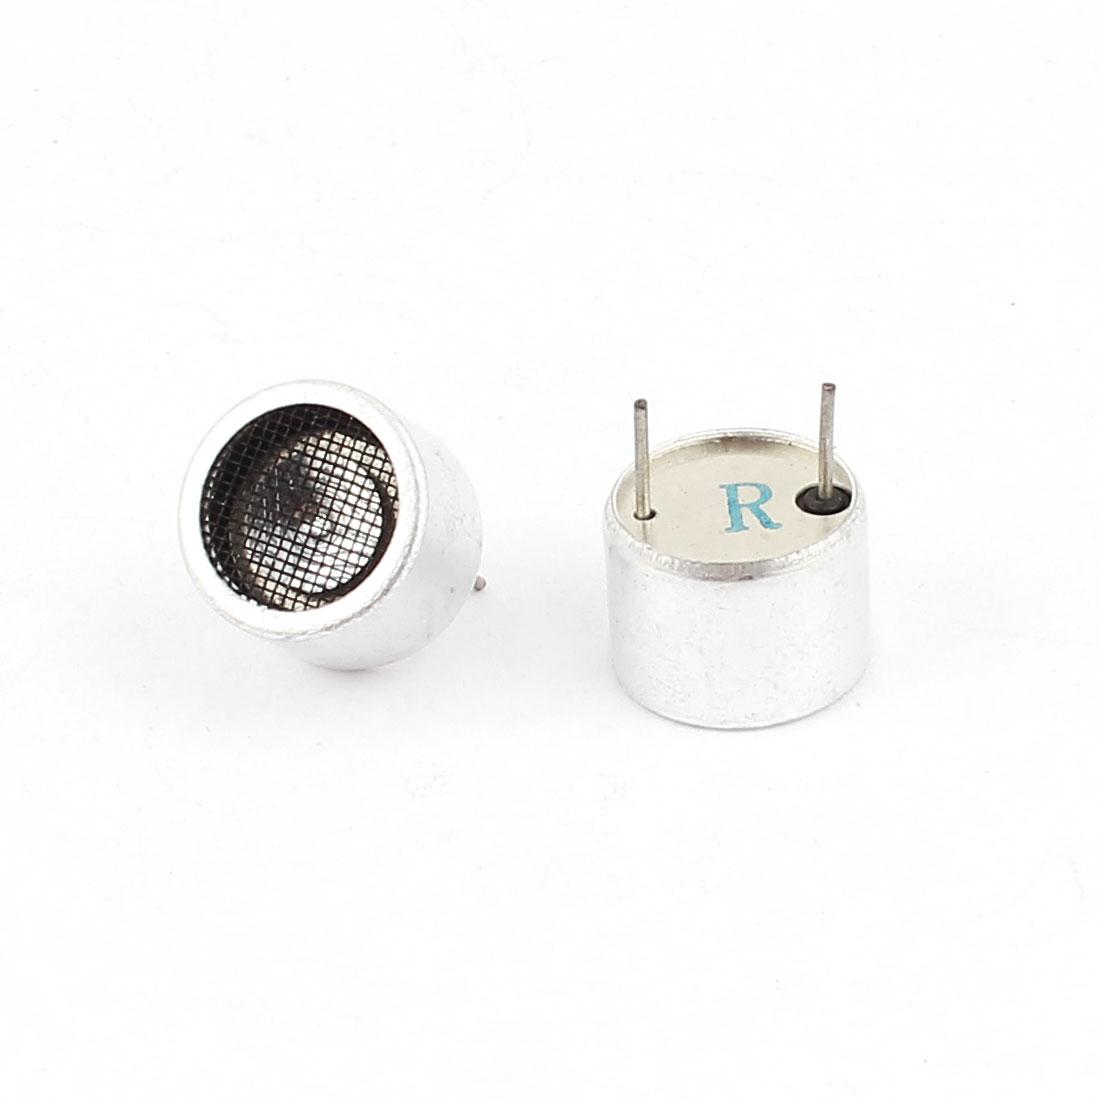 12mm Dia Aluminum Housing 40KHz Ultrasonic TR Transmitter Receiver